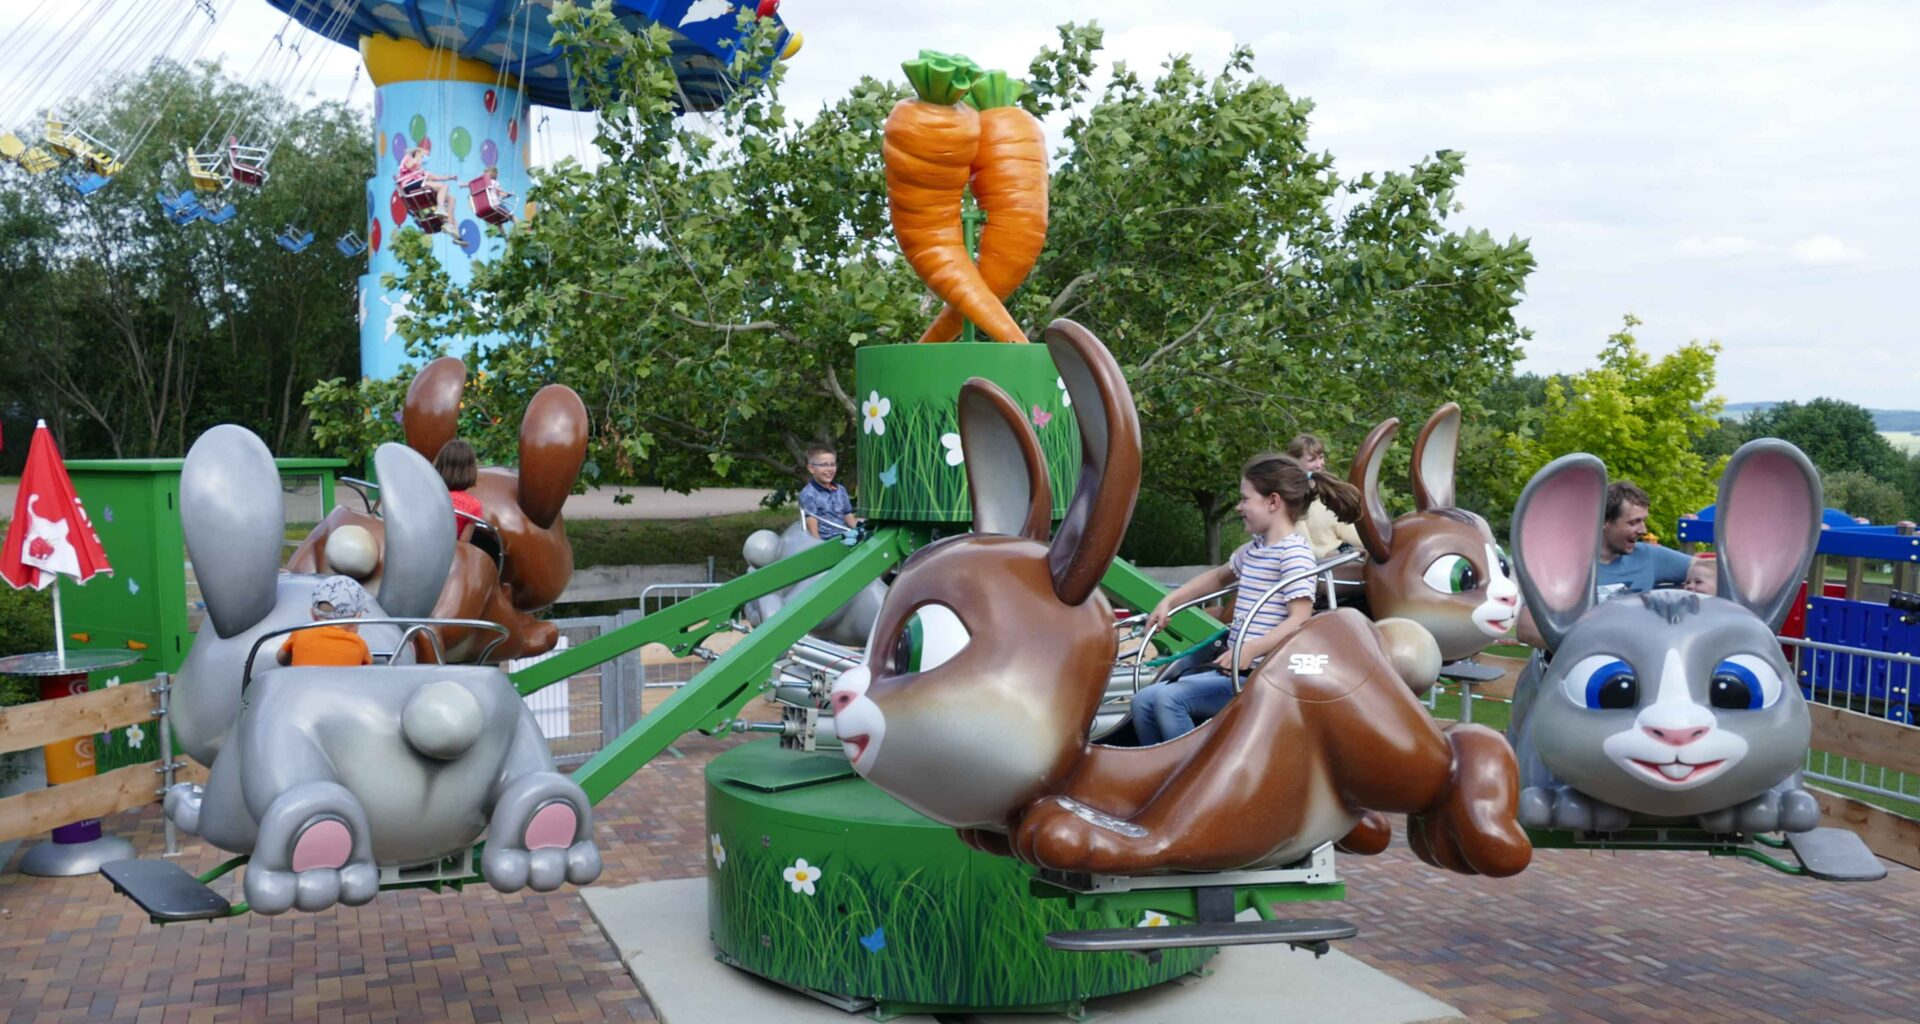 Karussell Hasenhüpfer mit Kindern im Sonnenlandpark